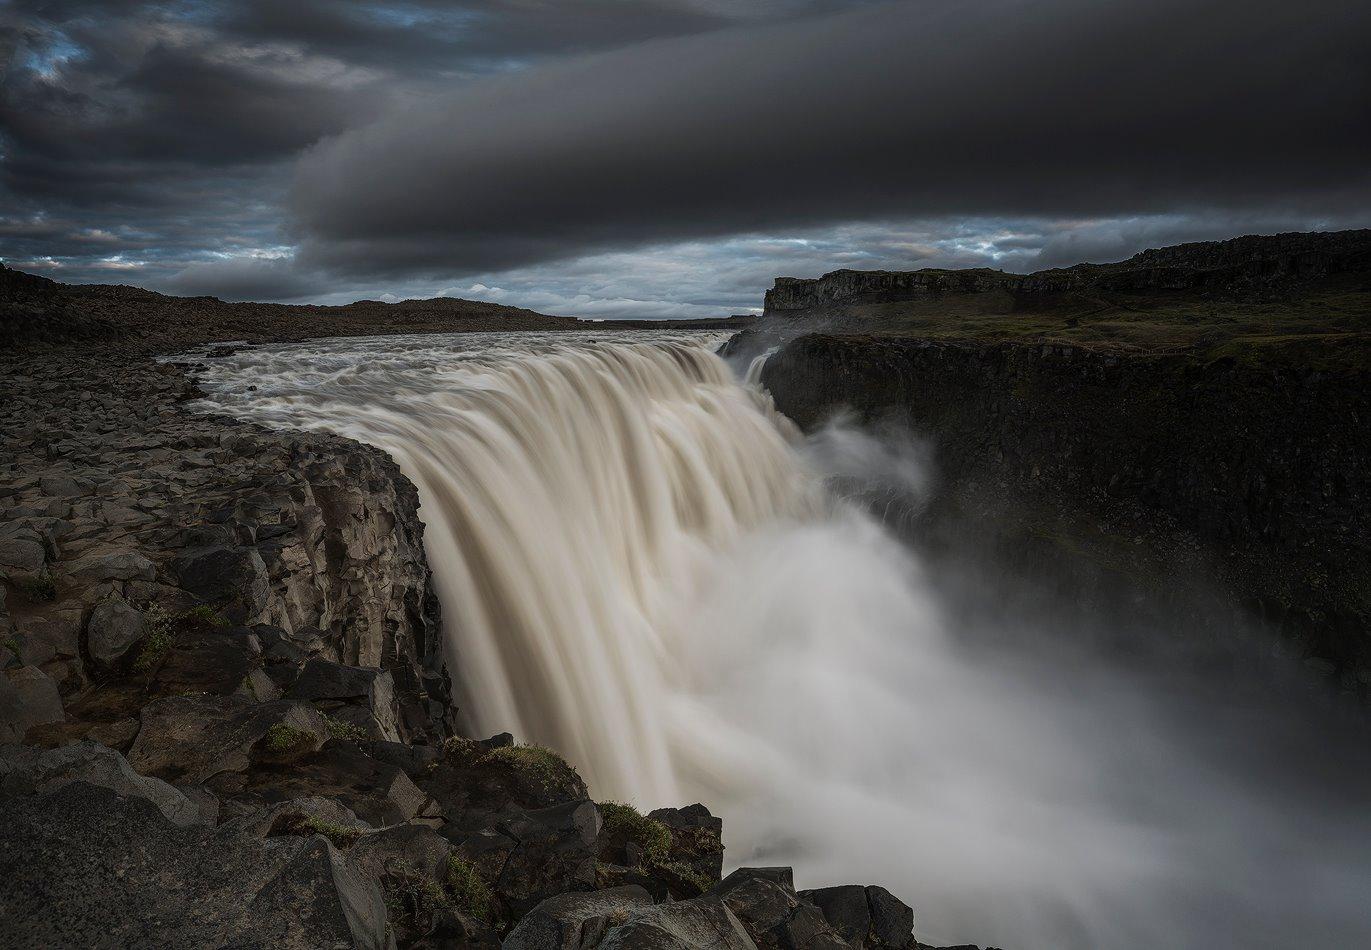 น้ำตกสัญชาตินอร์เวย์ที่ชื่อว่าซาเปฟอสเซน ไม่สามารถเทียบกับน้ำตกเดตติฟอสส์ ในแง่ของปริมาณกระแสน้ำ แต่ที่นี่มีขนาดเพียงครึ่งเดียว